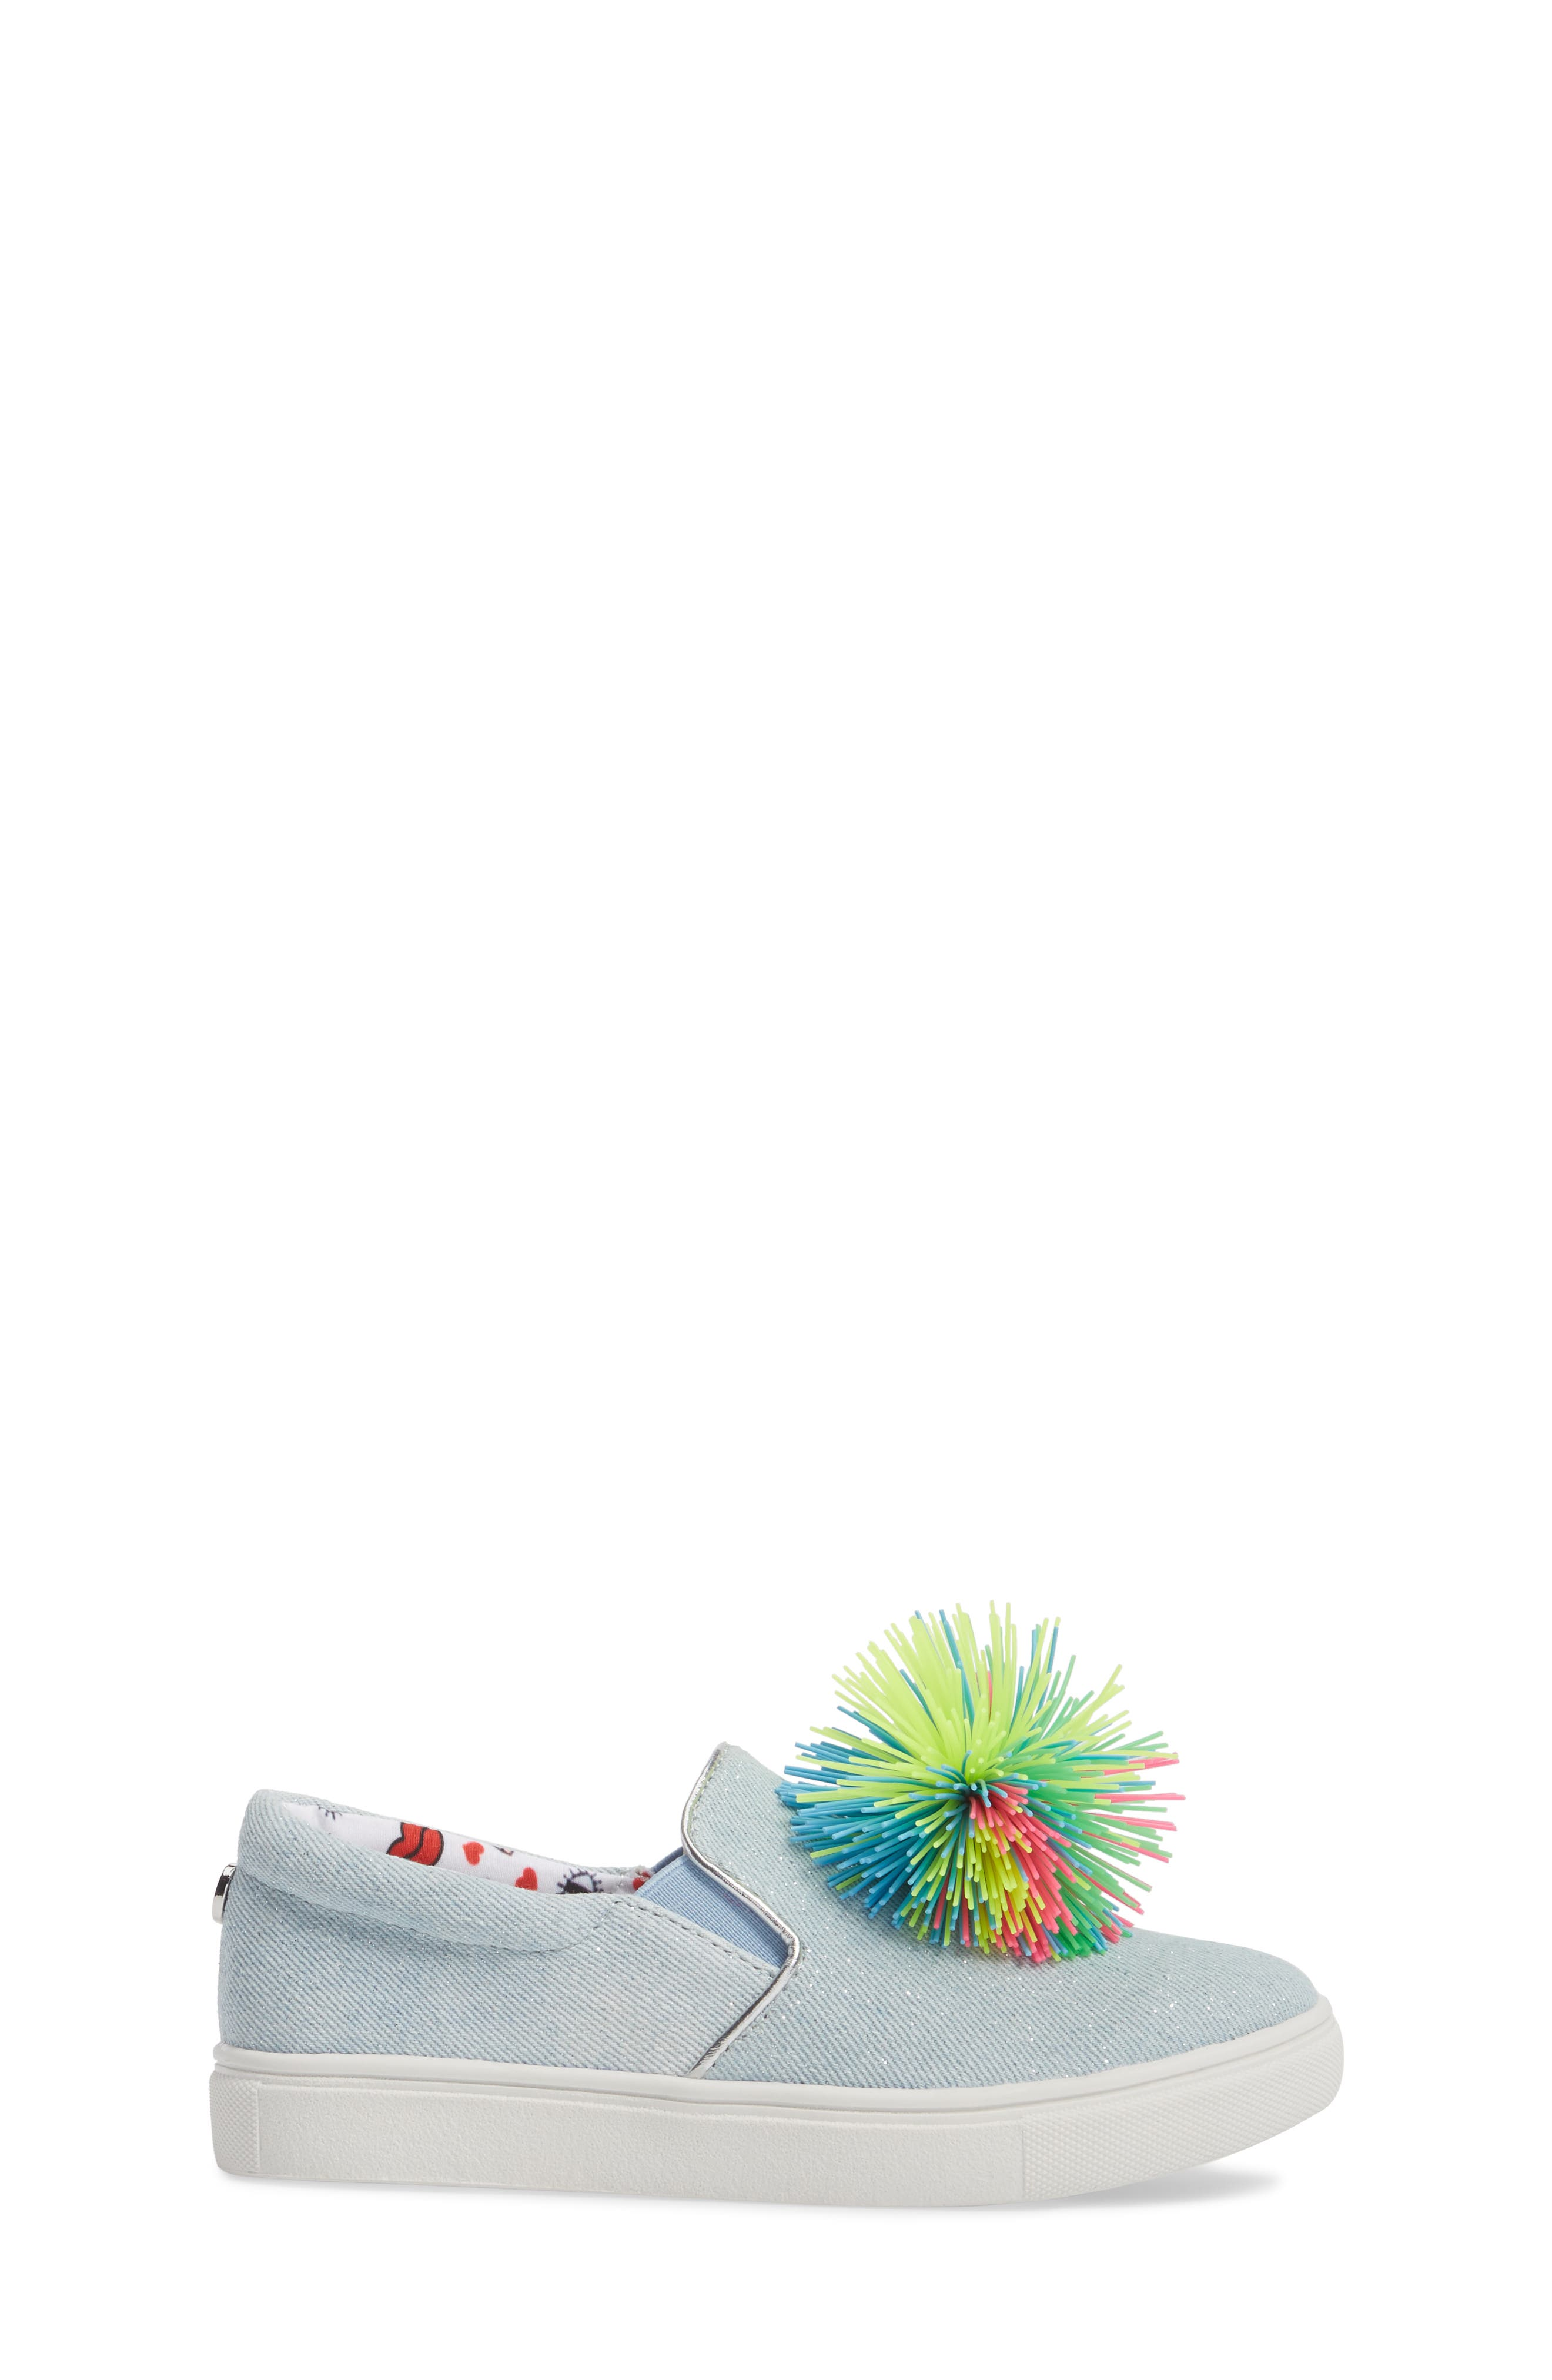 Pompom Slip-On Sneaker,                             Alternate thumbnail 3, color,                             401